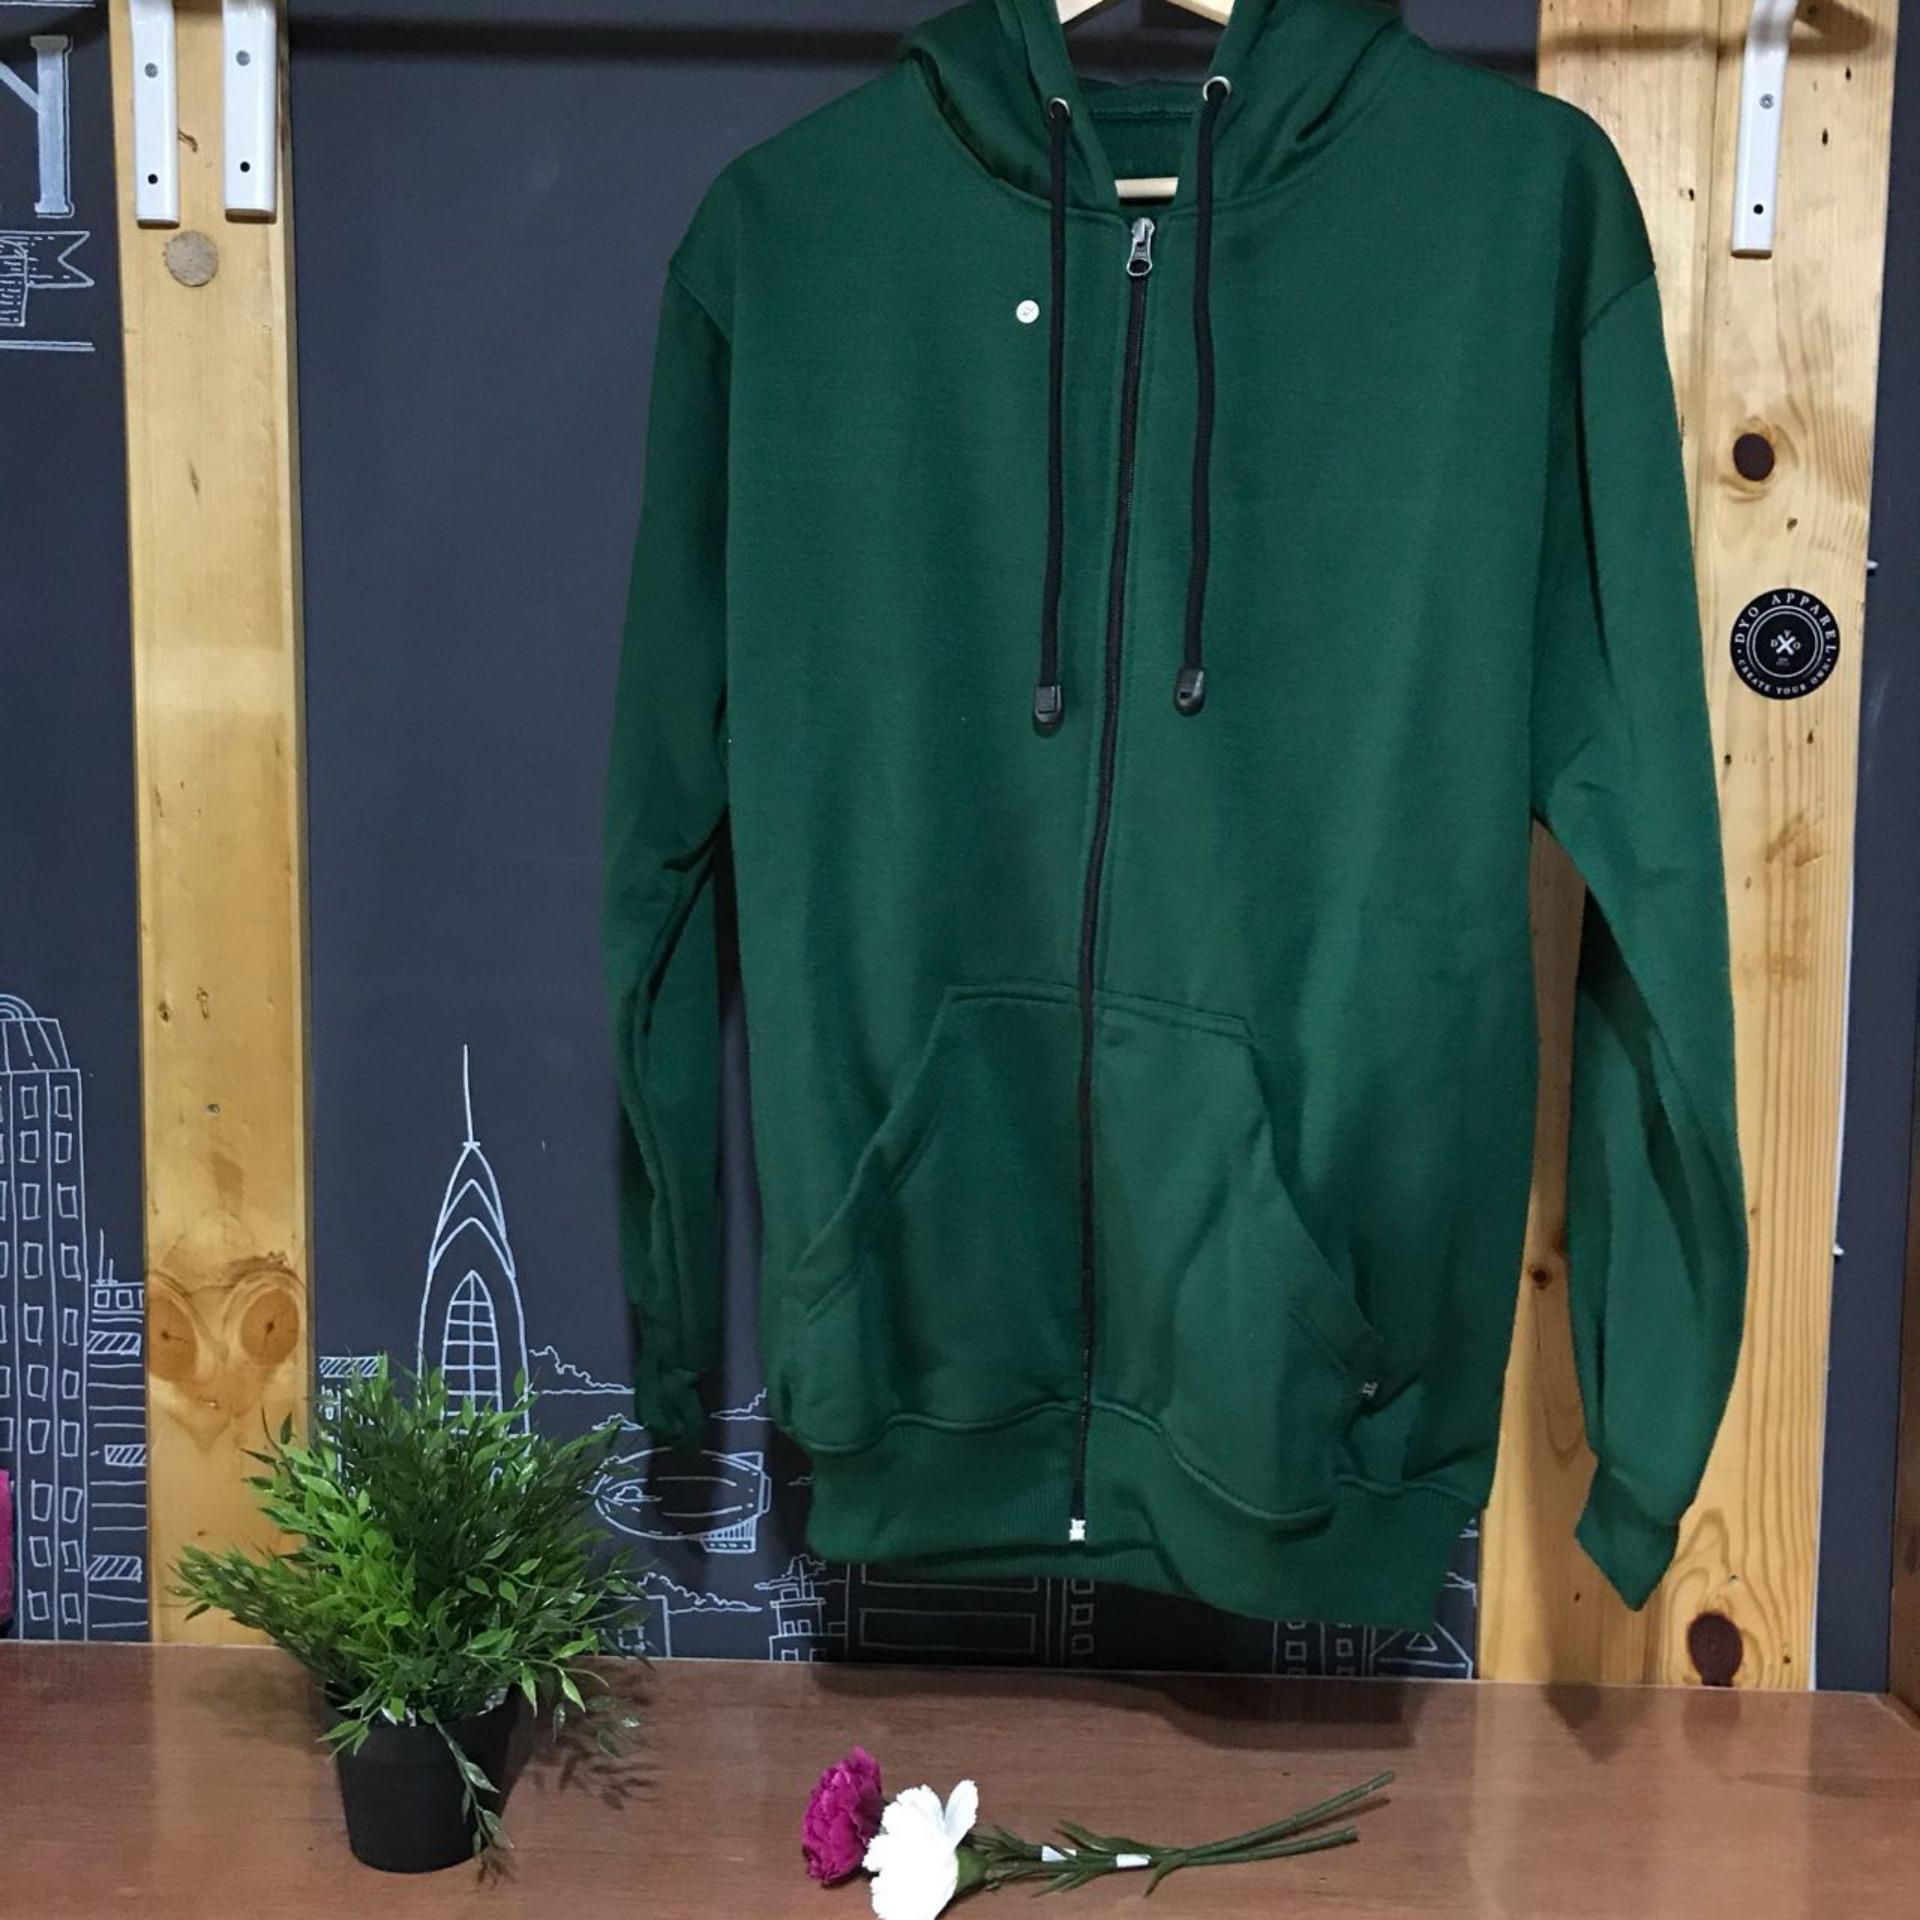 Jaket 3second Warna Navy Sweater Hoodiejaket Zipper Distro Polos Hoodie Biru Dongker Xxl Premium Quality